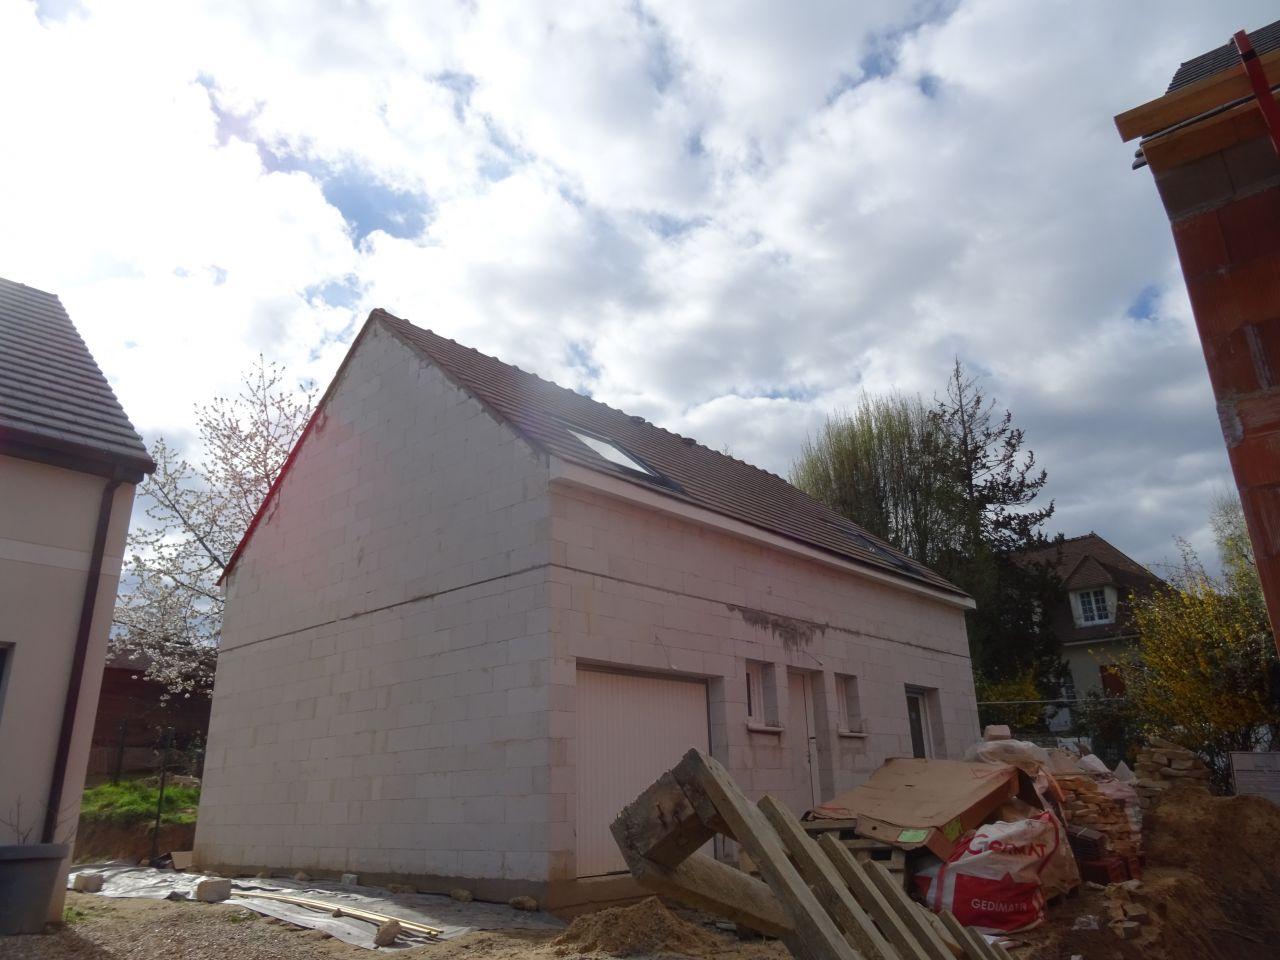 Ouaou ! 2 mois après, le toit est enfin refermé !